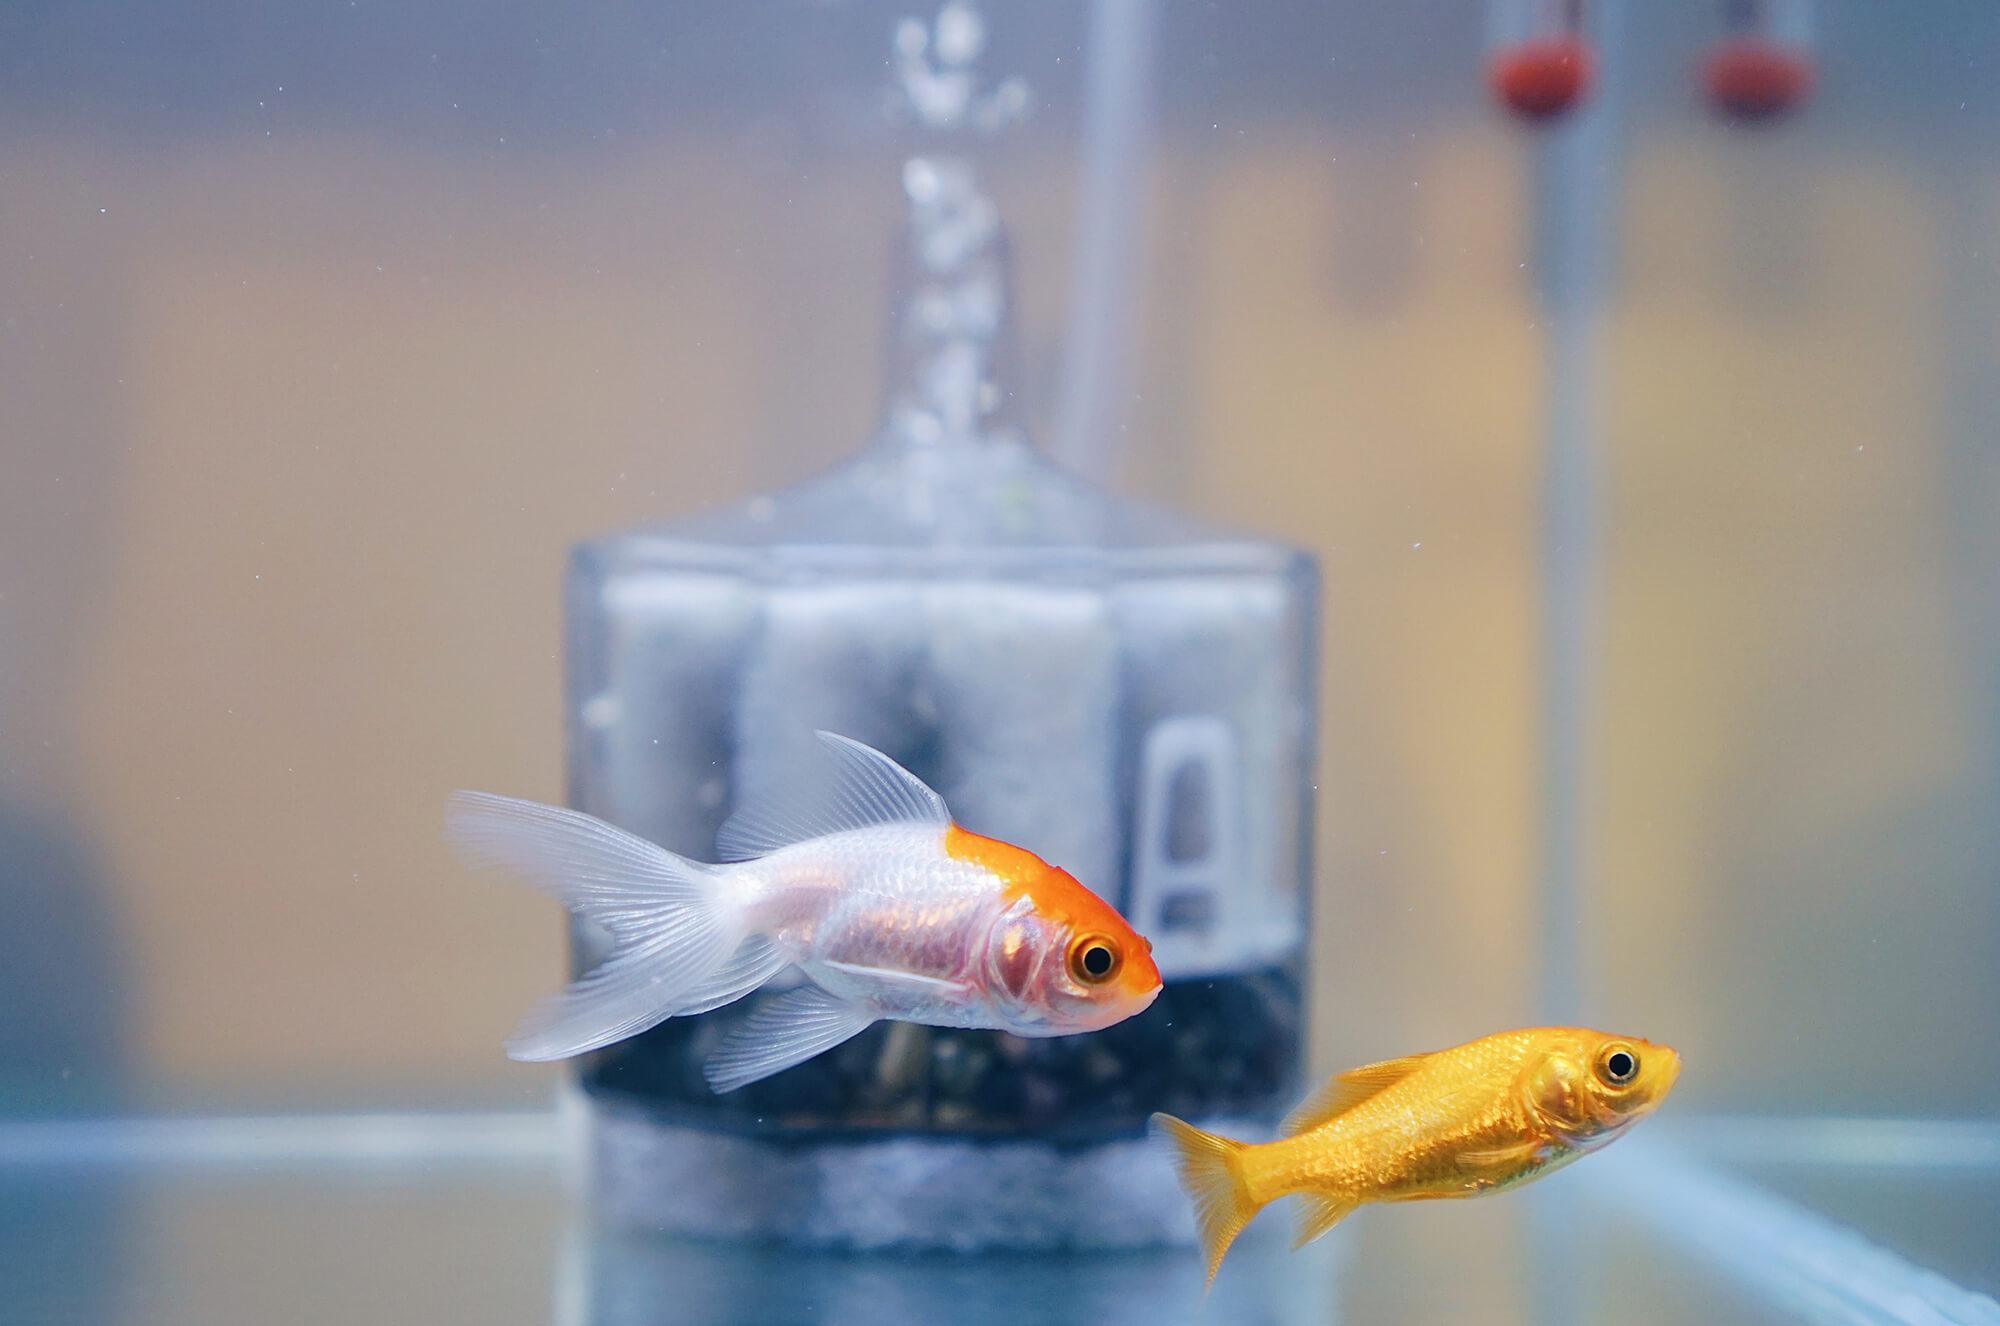 金魚水槽のイクラとアカリ